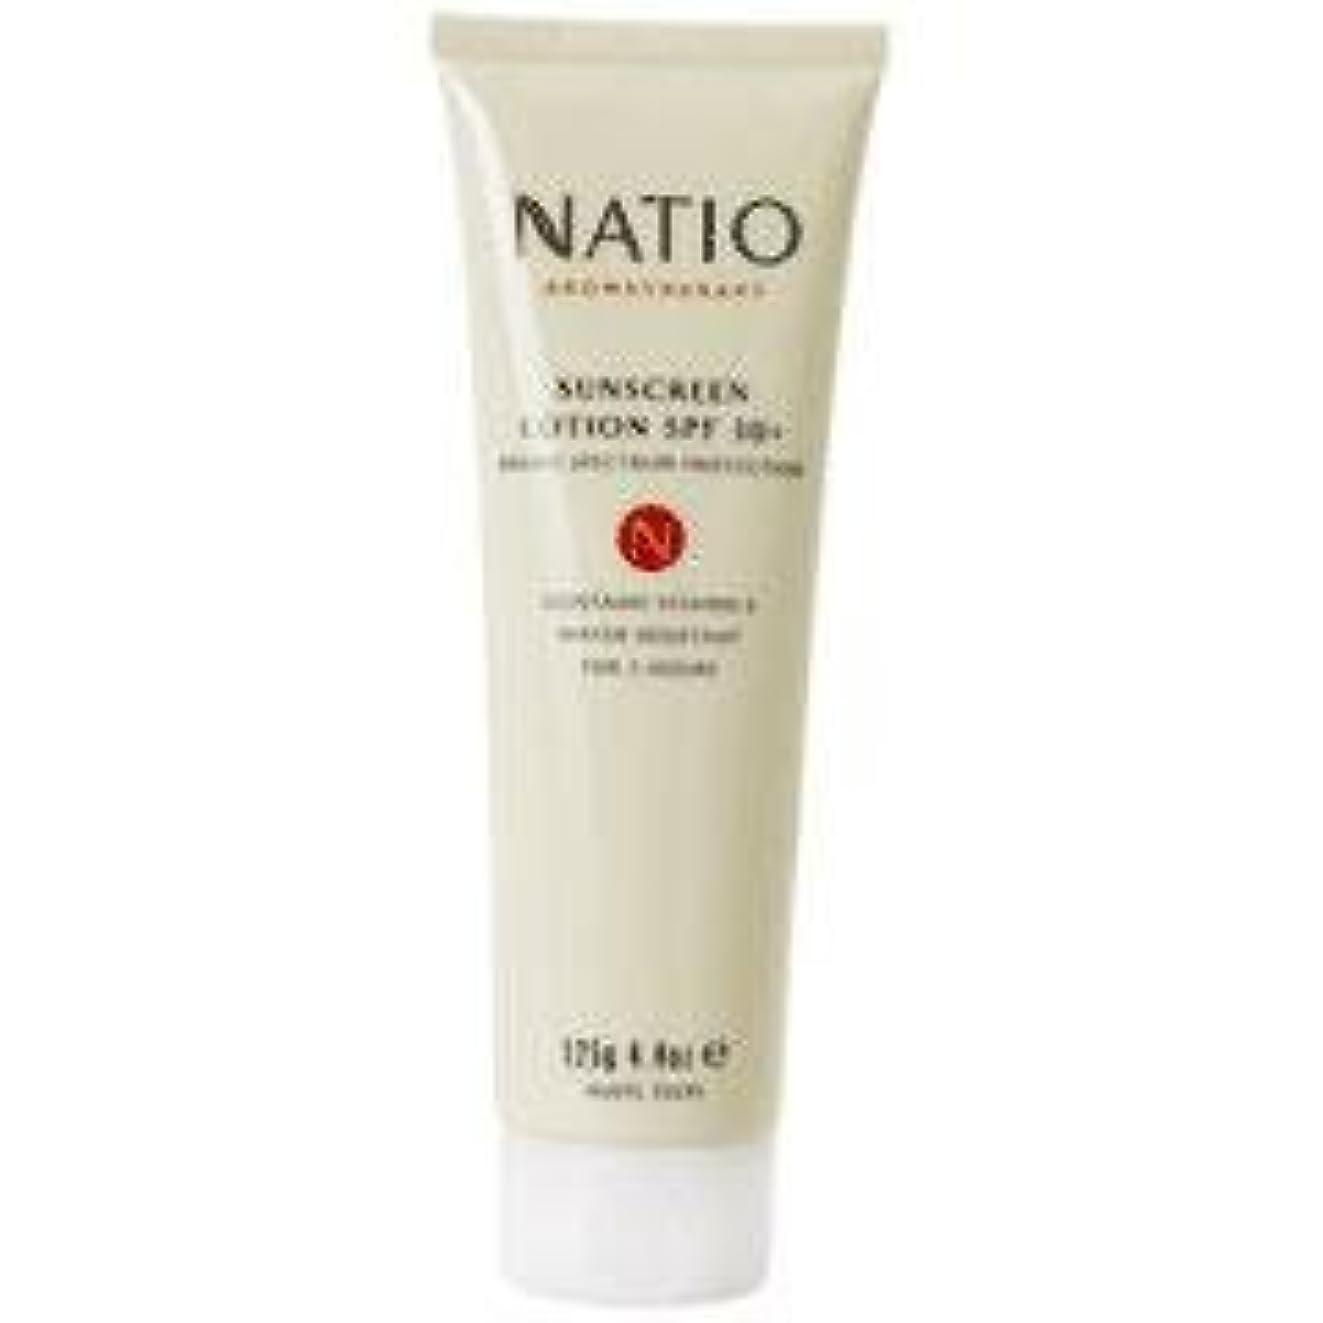 最愛の船バリー【NATIO Aromatherapy Sunscreen Lotion SPF30+】 ナティオ  日焼け止めクリーム SPF30+ [海外直送品]